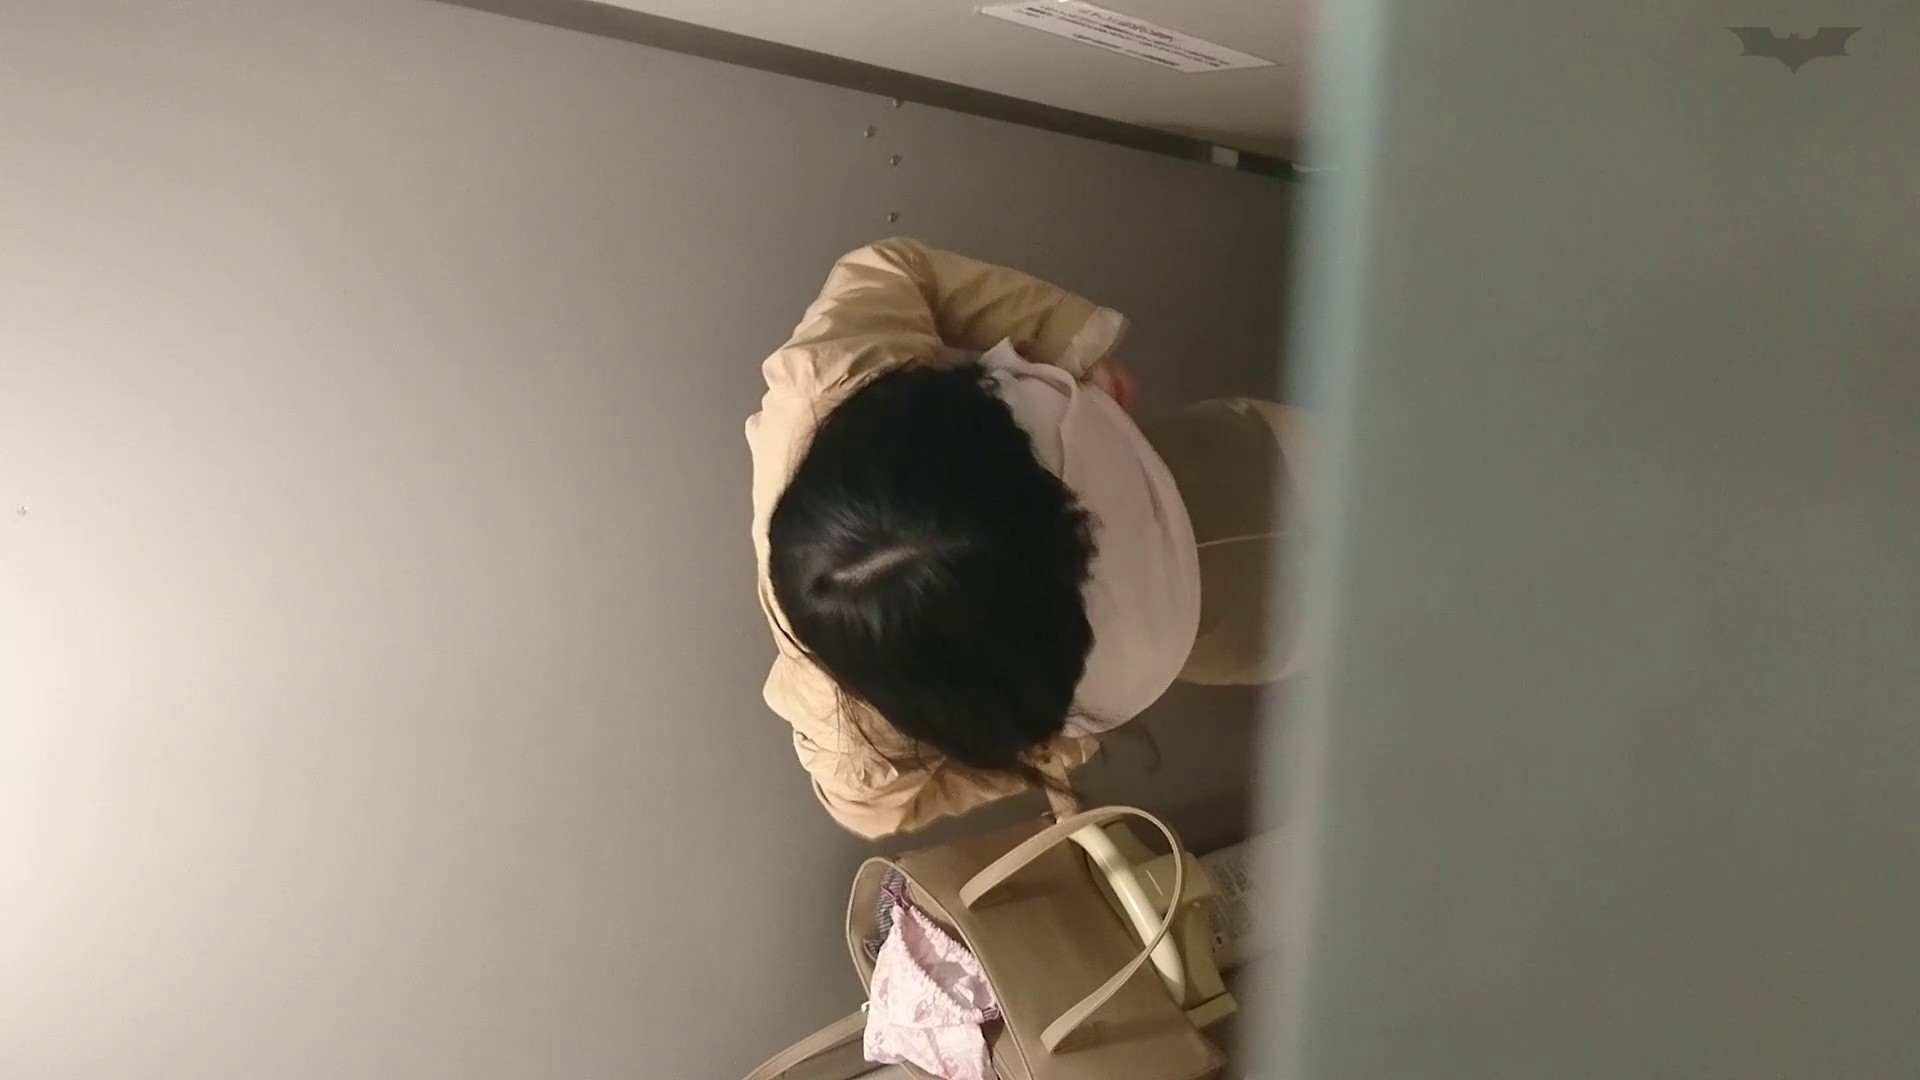 化粧室絵巻 ショッピングモール編 VOL.19 OL  93pic 64